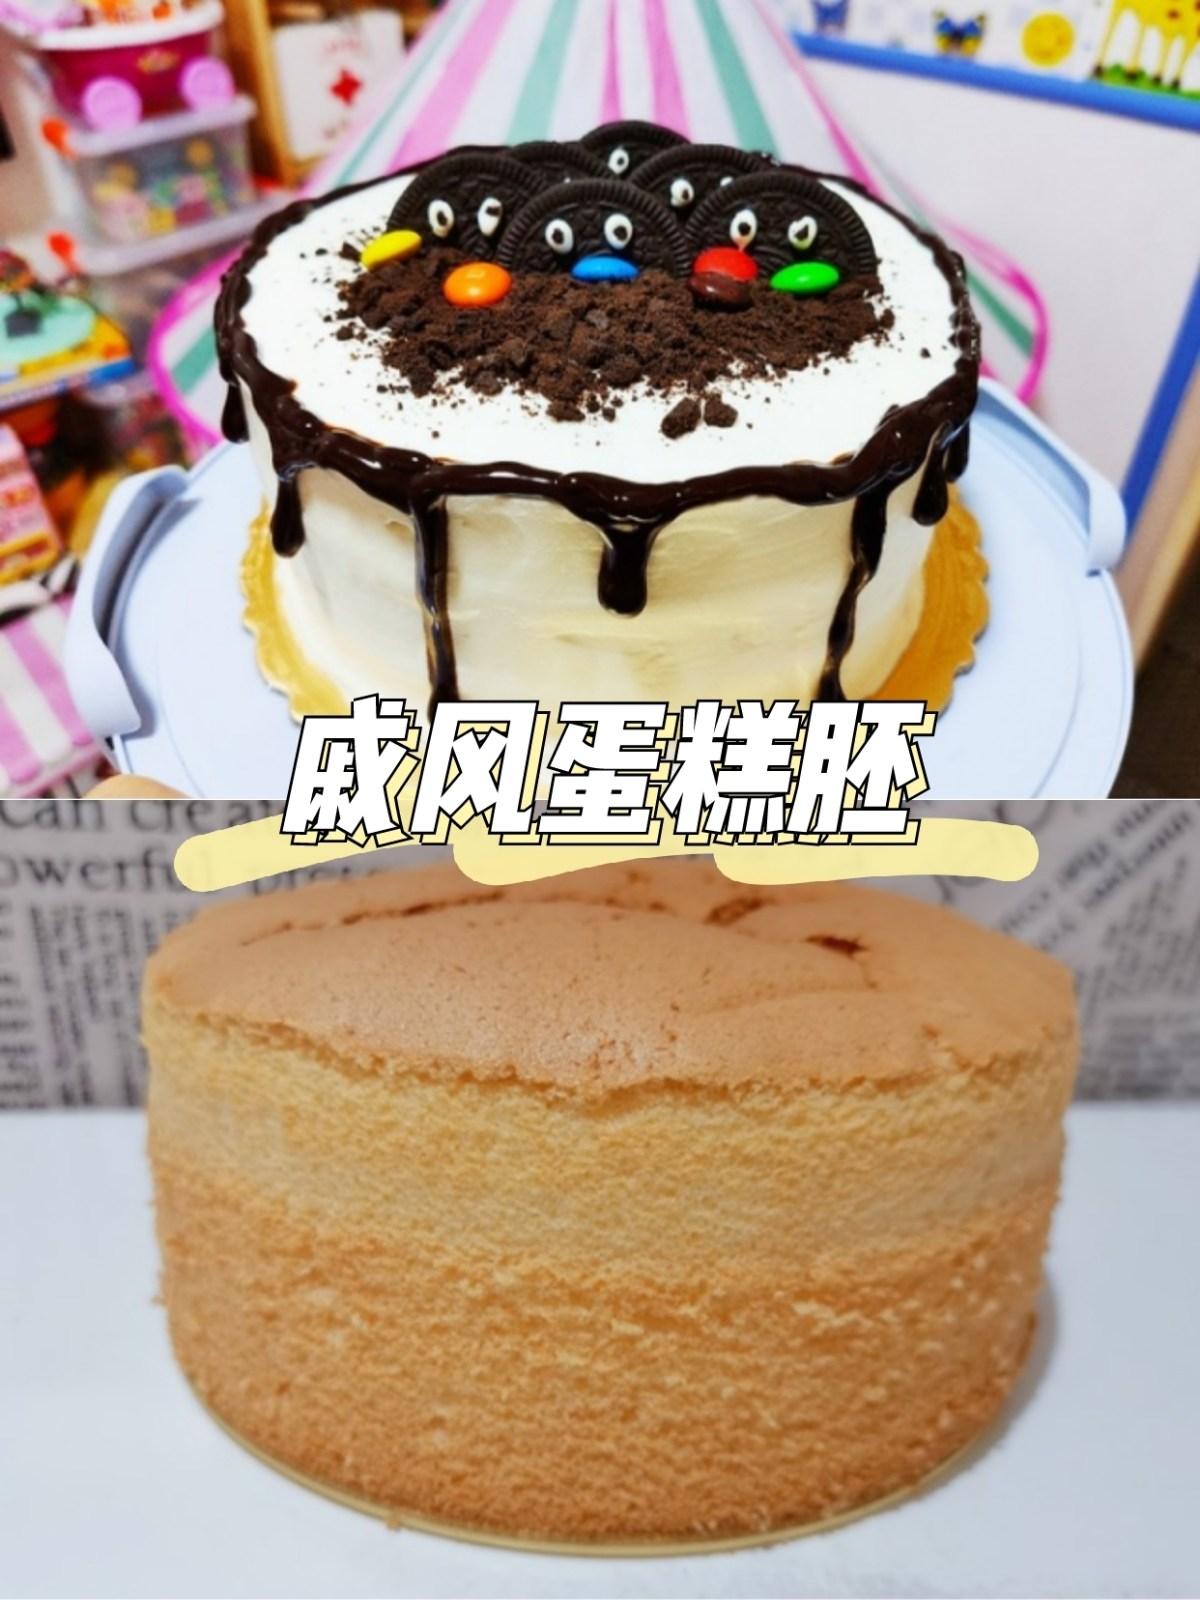 4寸/5寸/6寸/8寸🎂戚风蛋糕配方